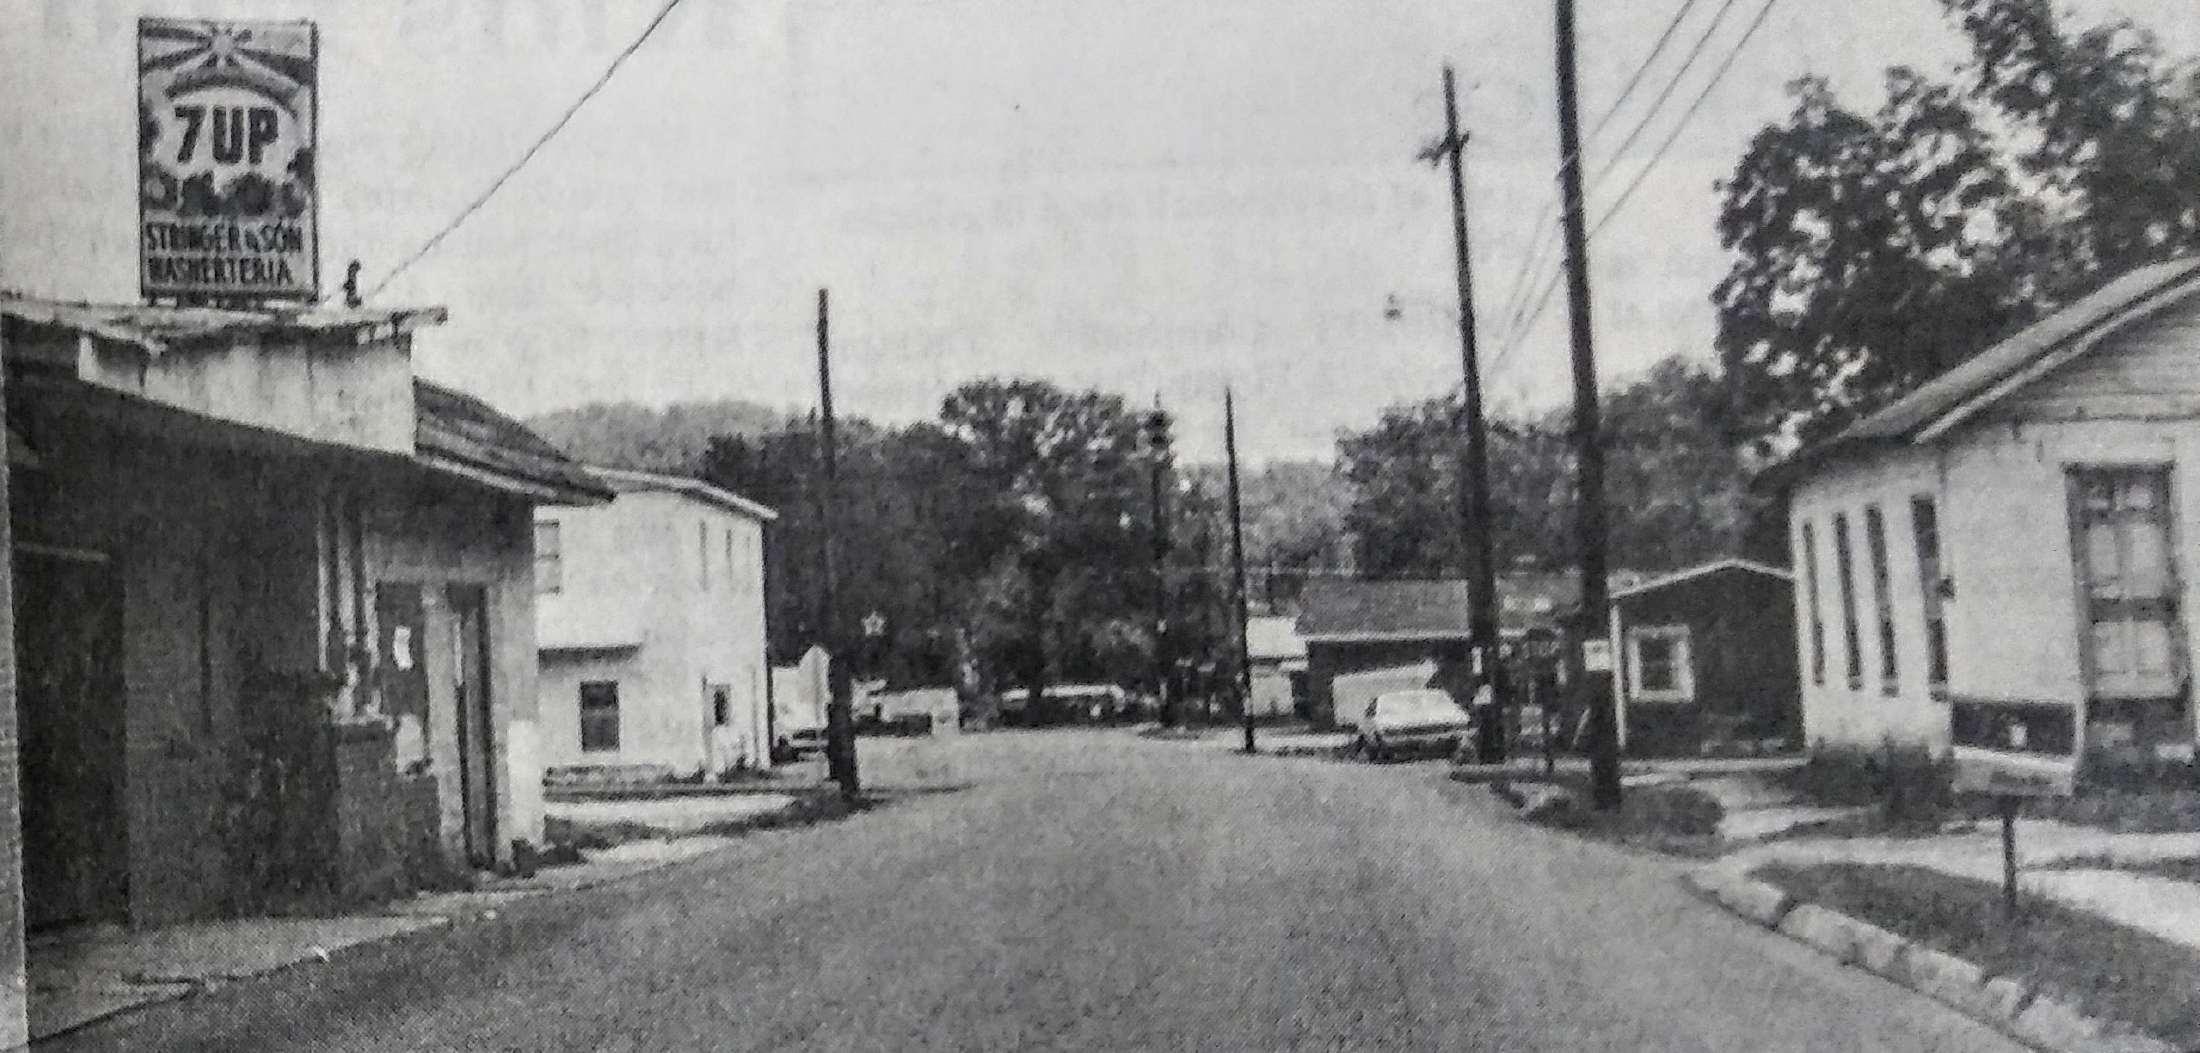 Hobson City, AL